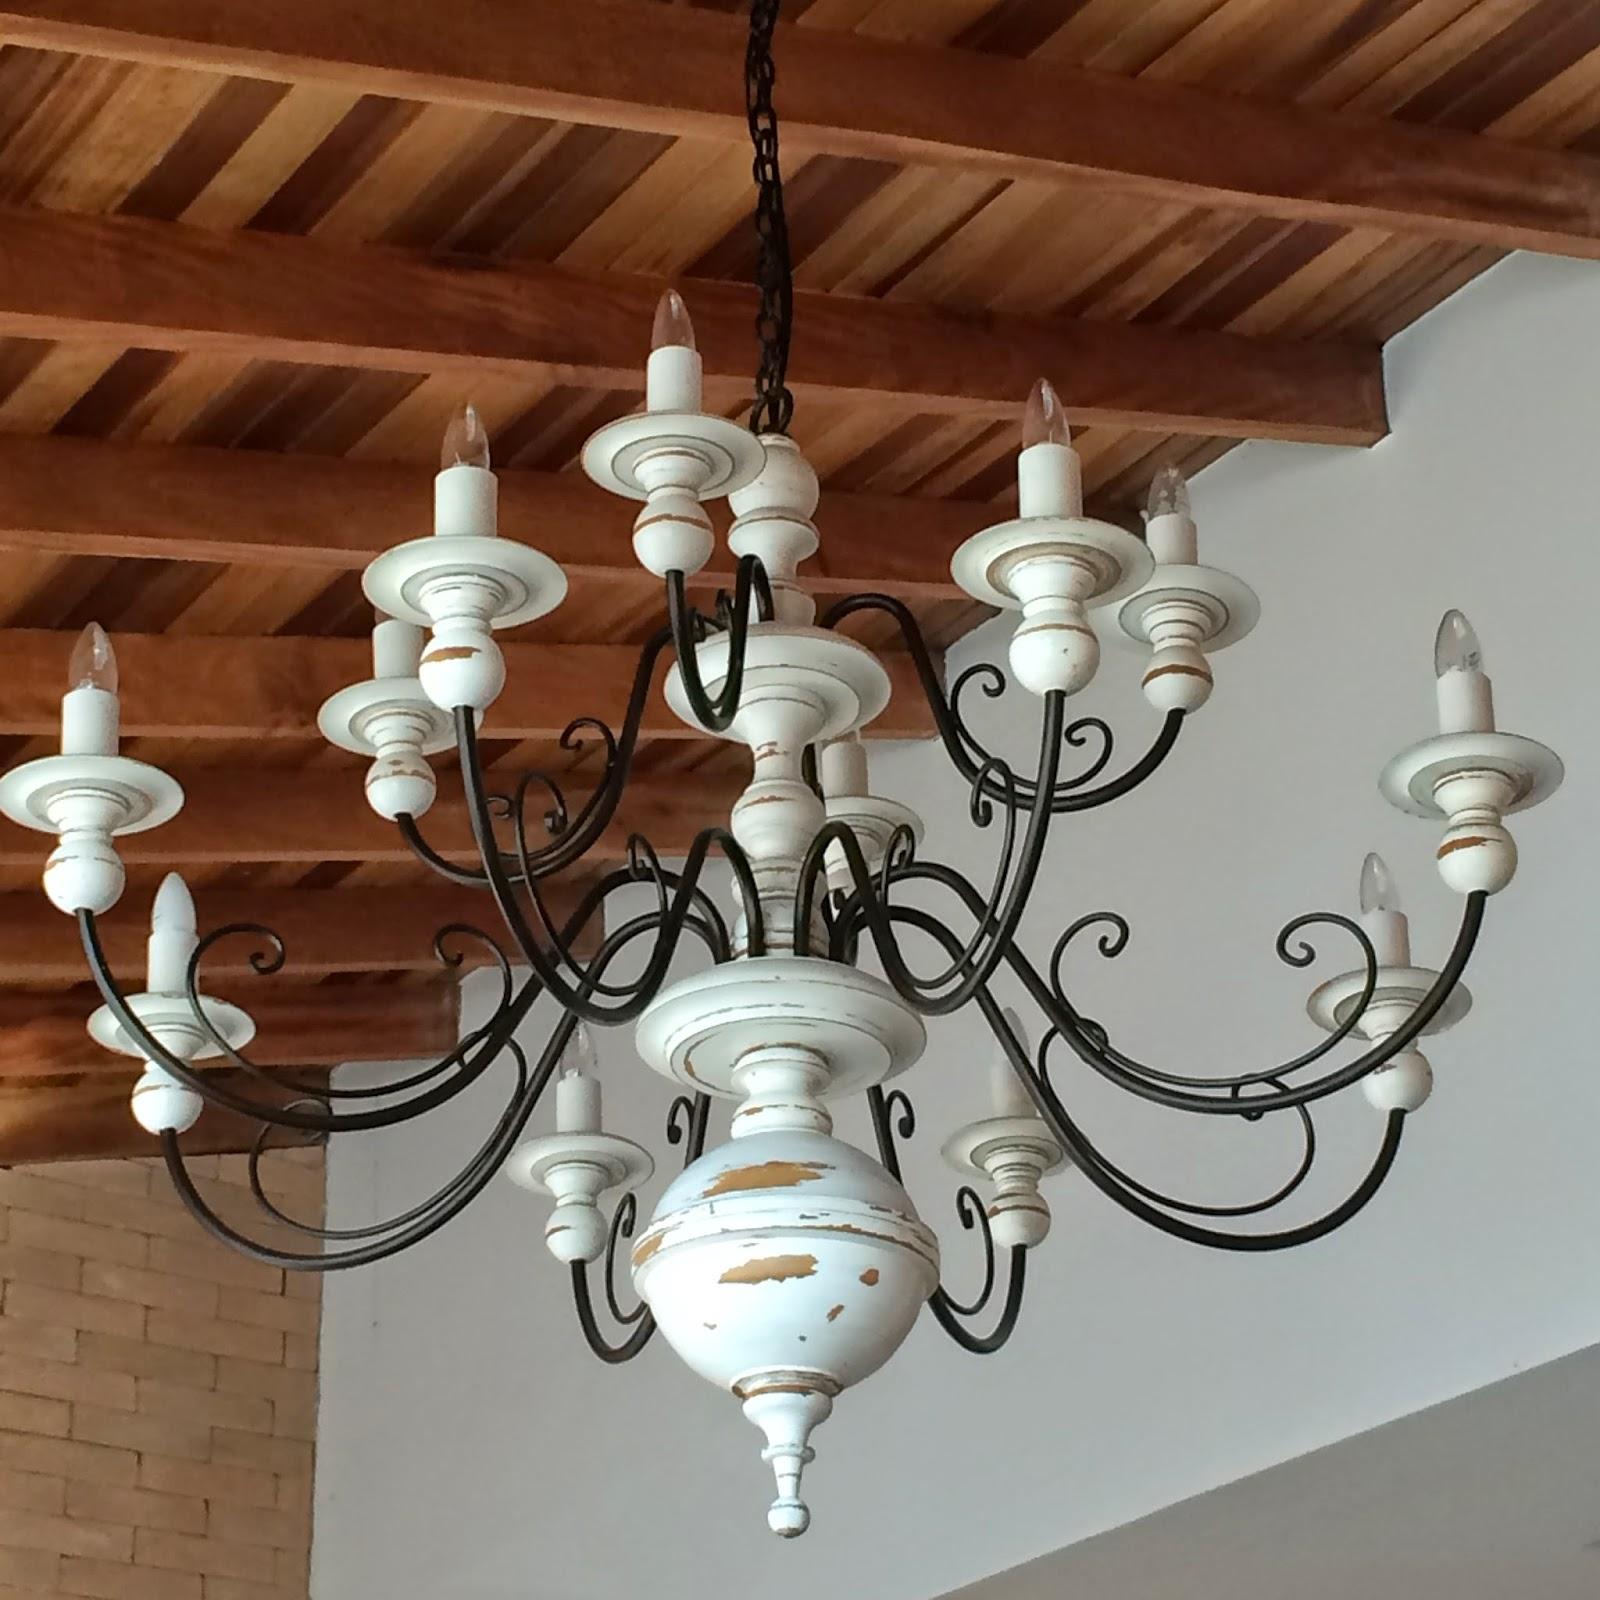 Lustre Artesanal ~ Lustre Rústico em Metal e Madeira Torneada Inspiraç u00e3o Casa e Reforma